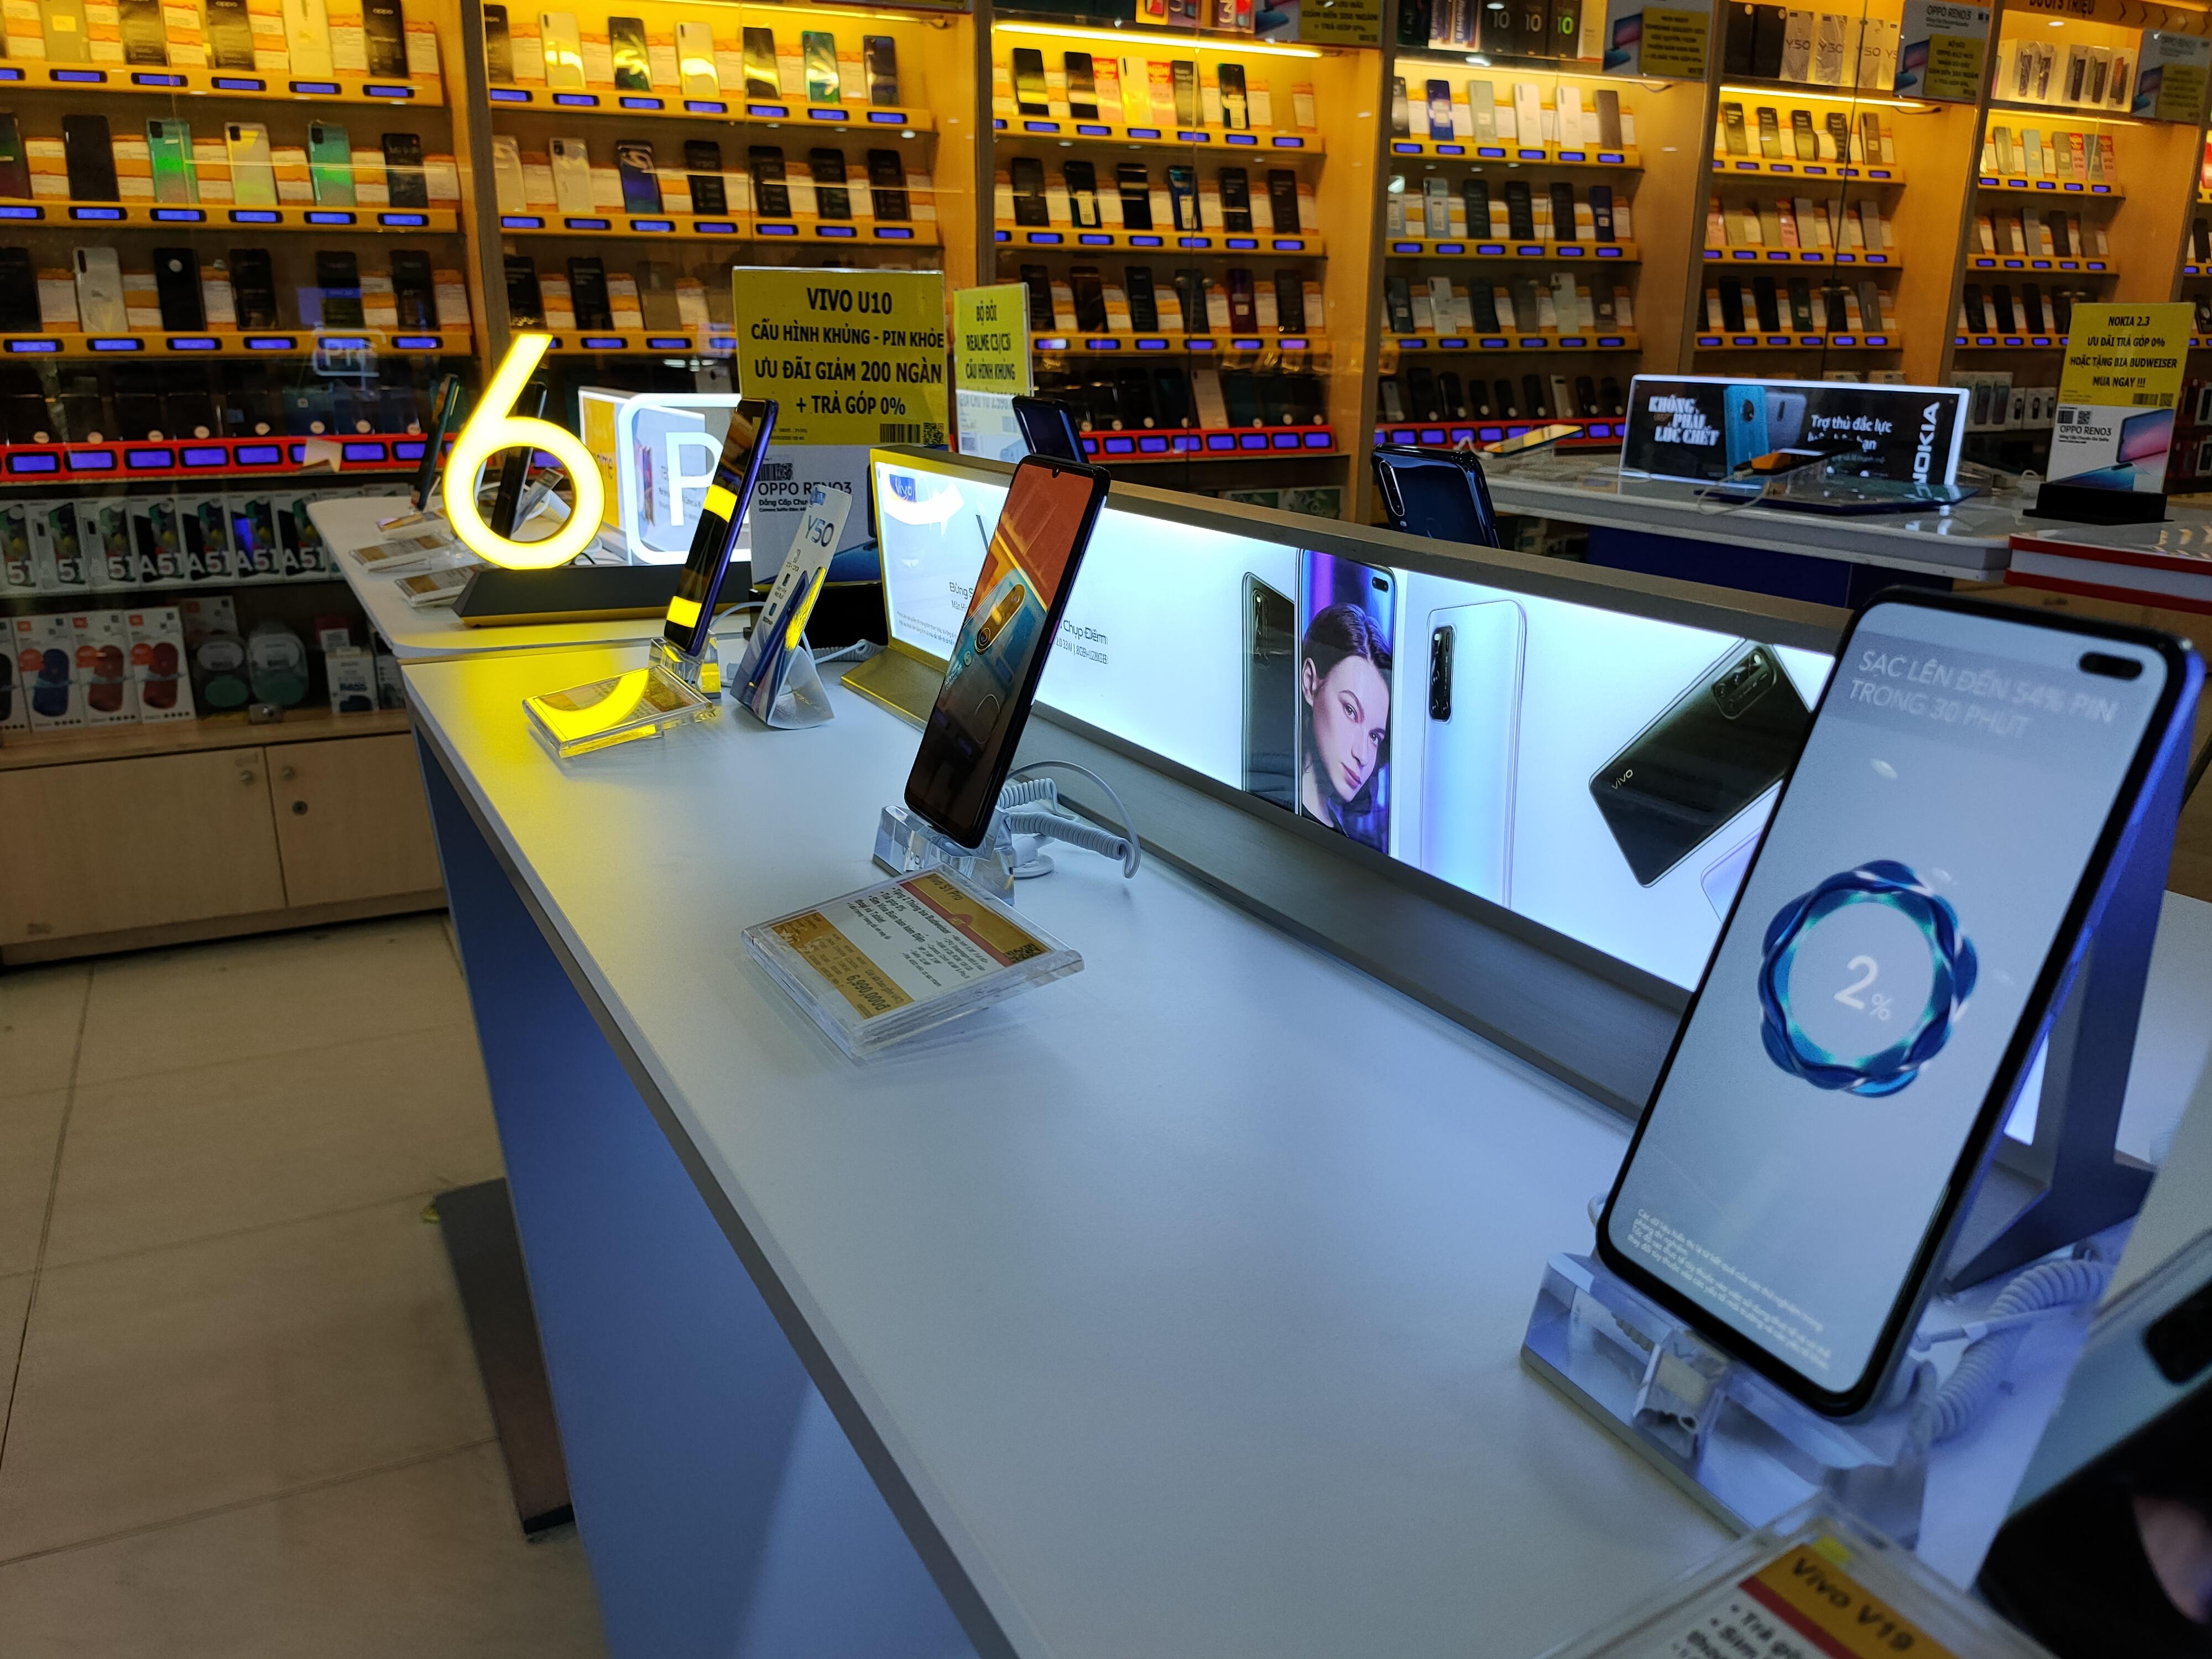 Android và iPhone tiếp tục biến động trong chương trình điện thoại giảm giá - Ảnh 2.